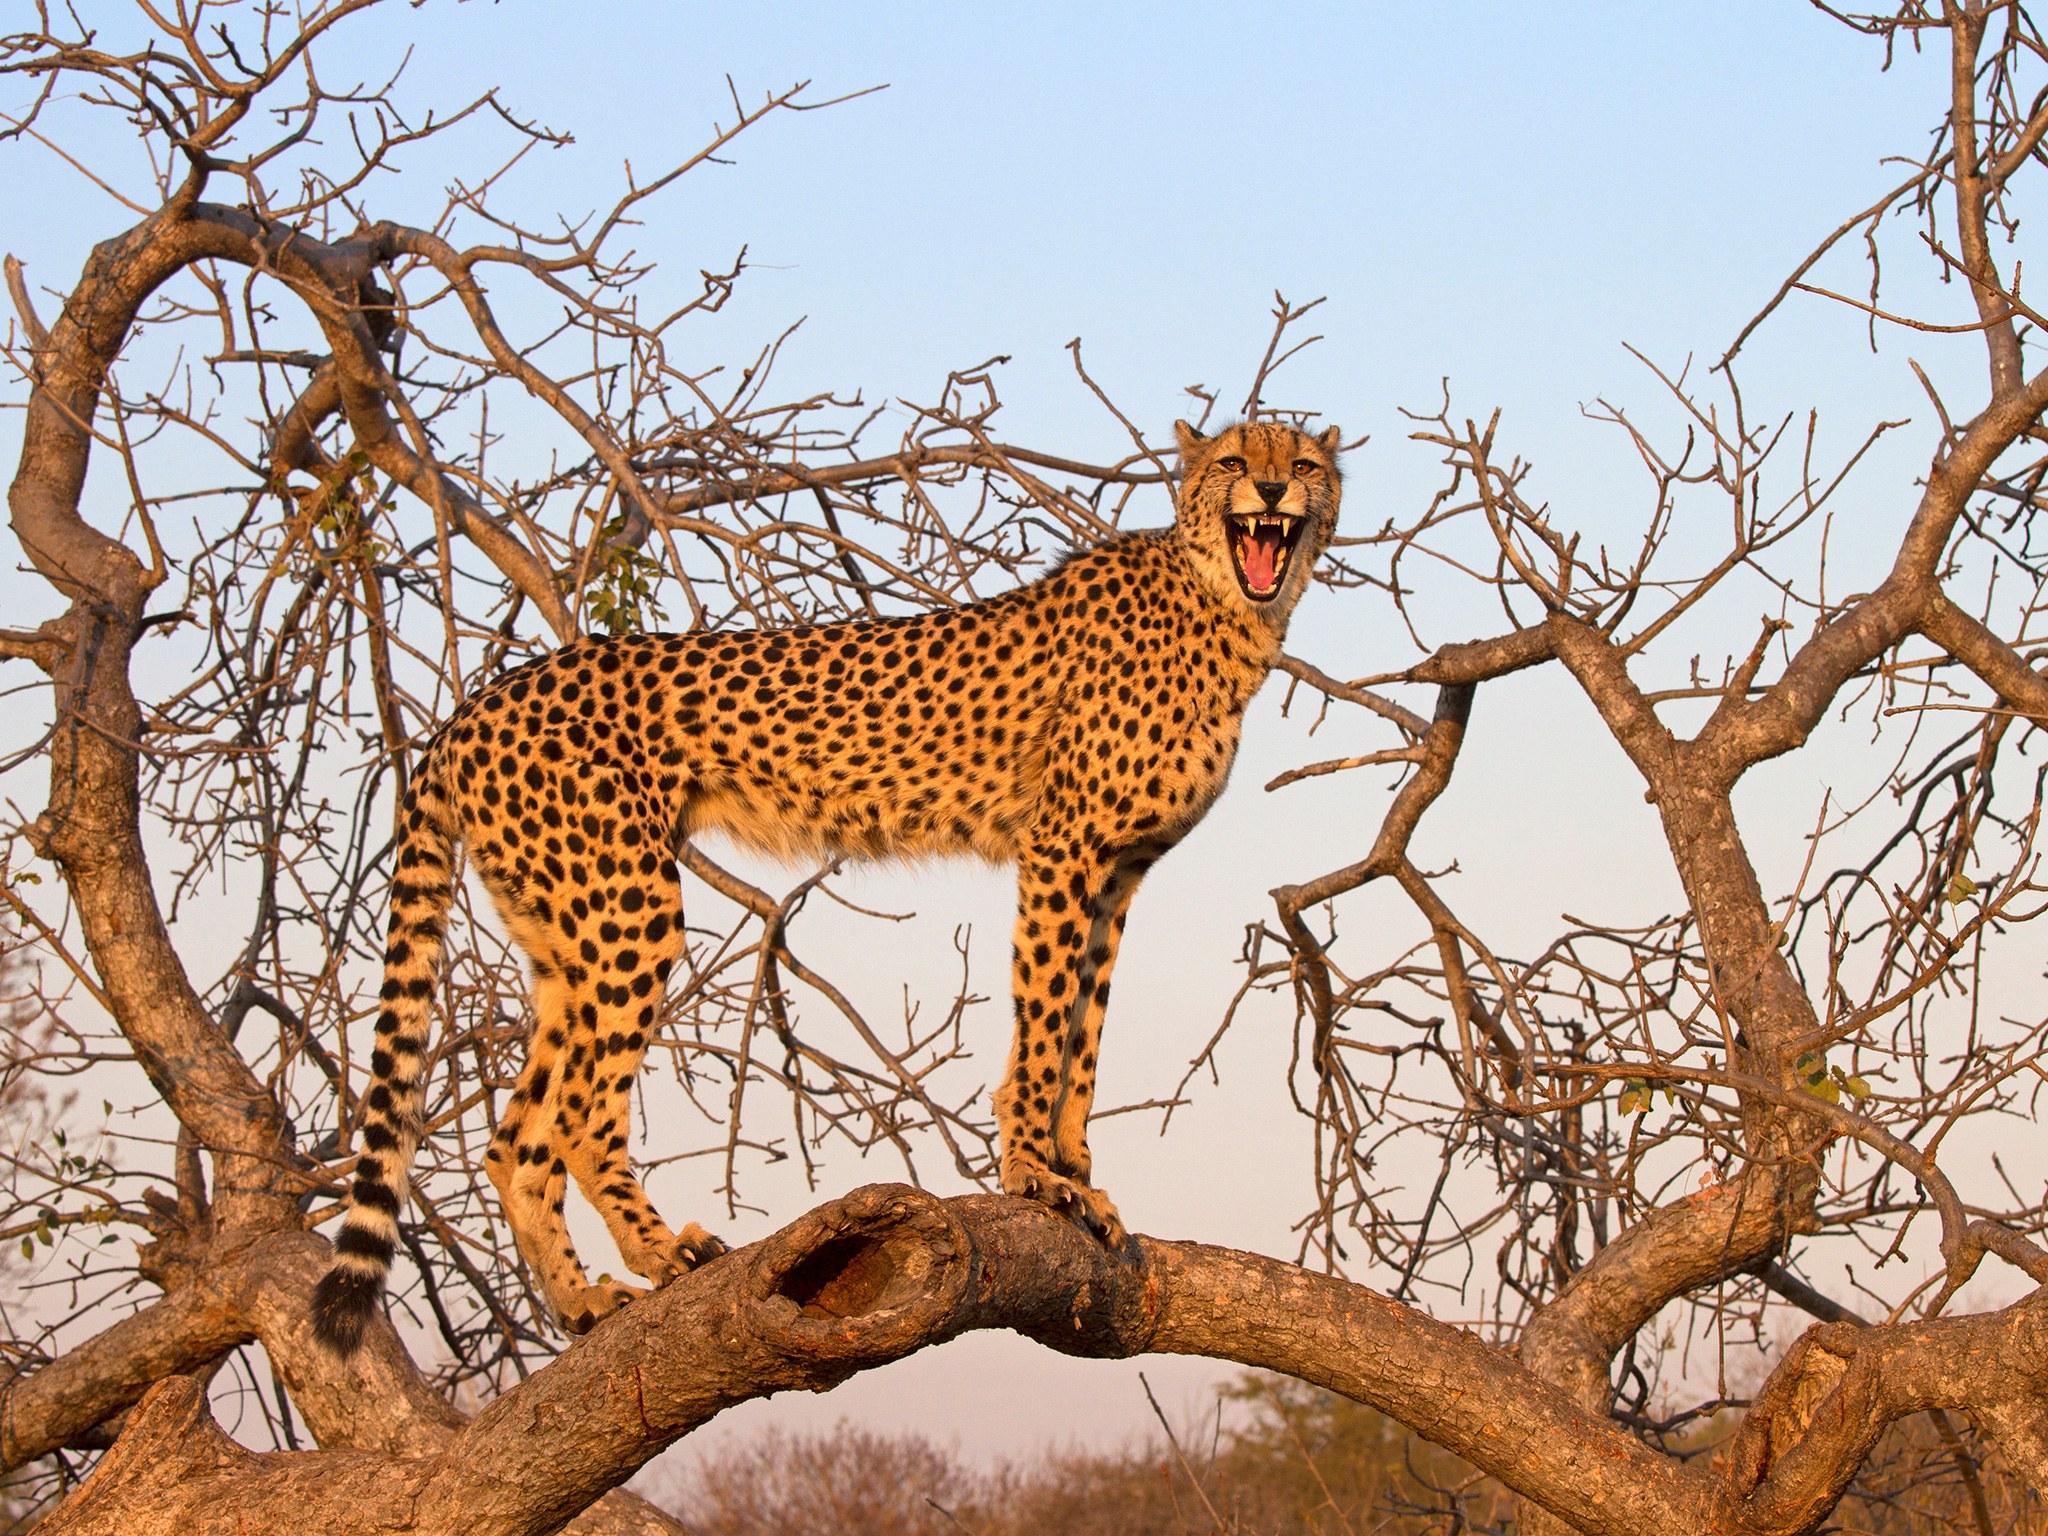 Где в мире можно посмотреть на диких животных